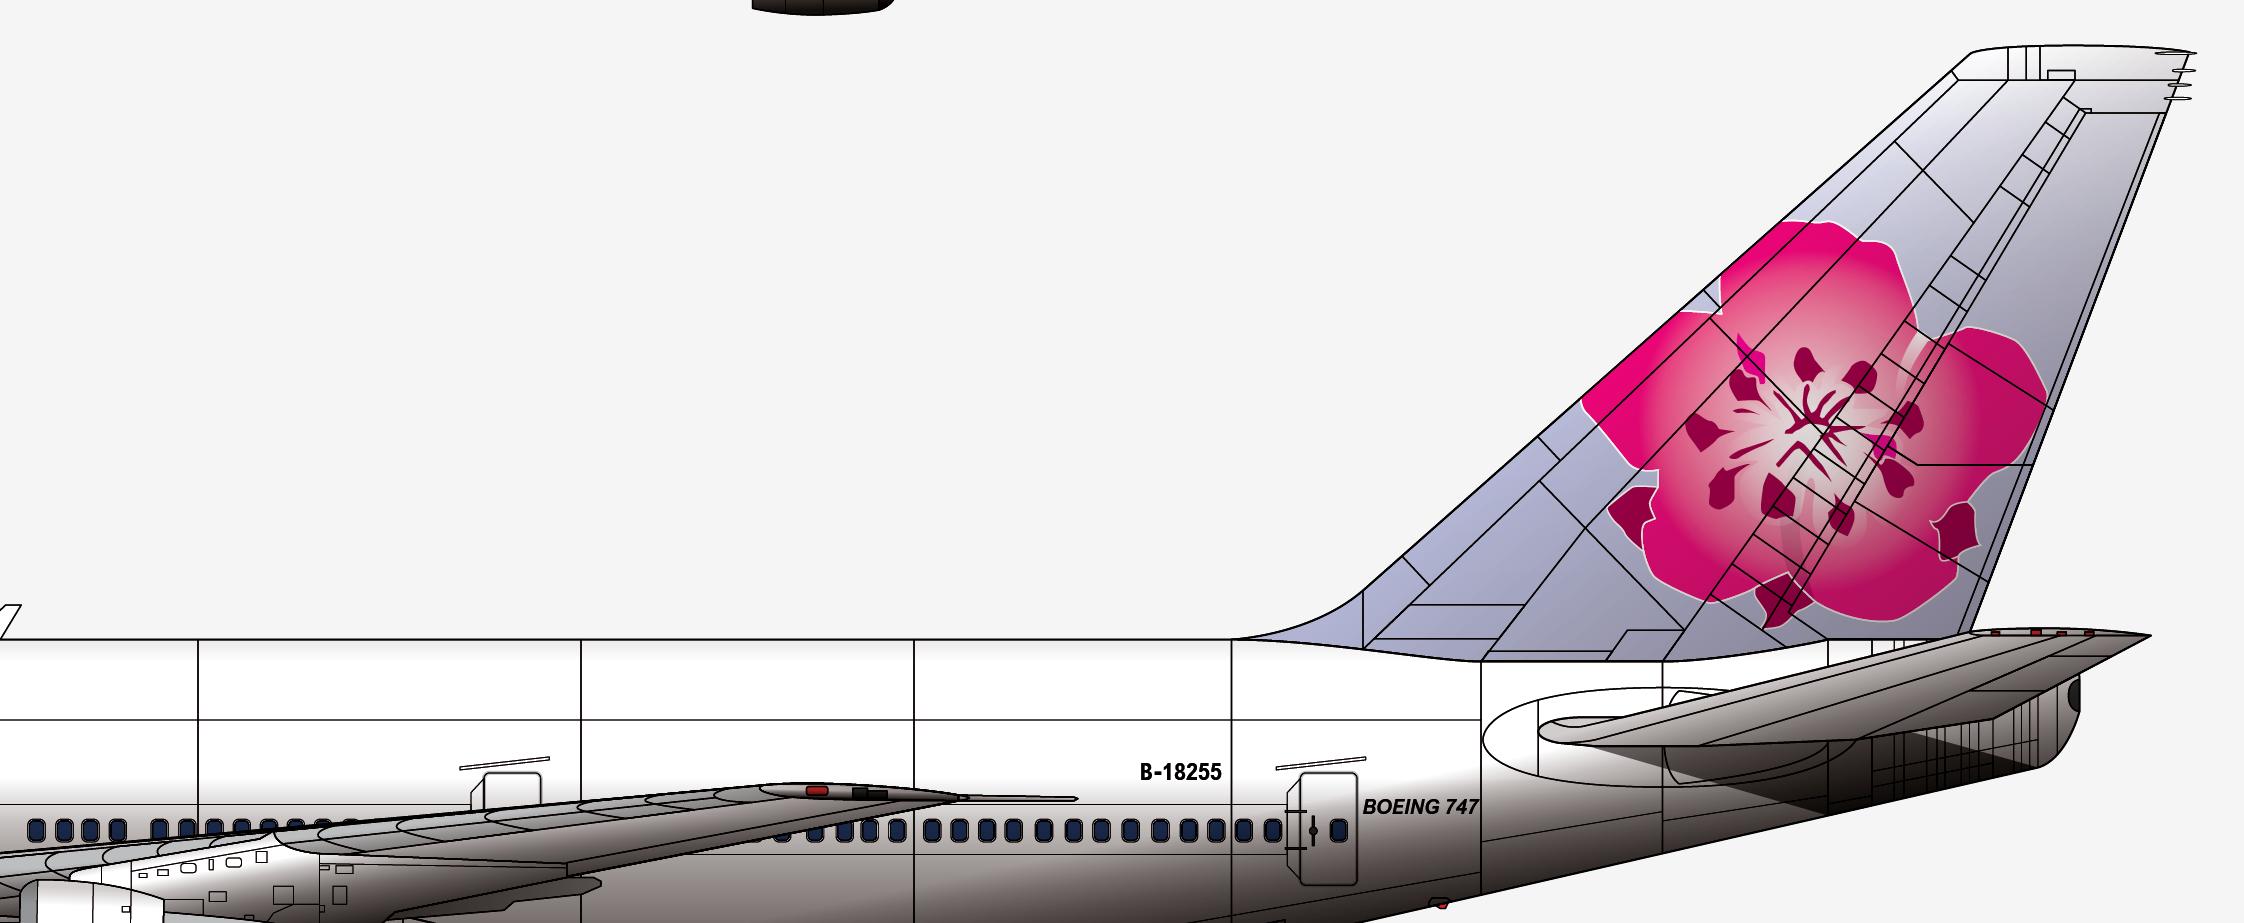 22年前的一次不规范的维修竟至华航CI120航班携225人澎湖空中解体